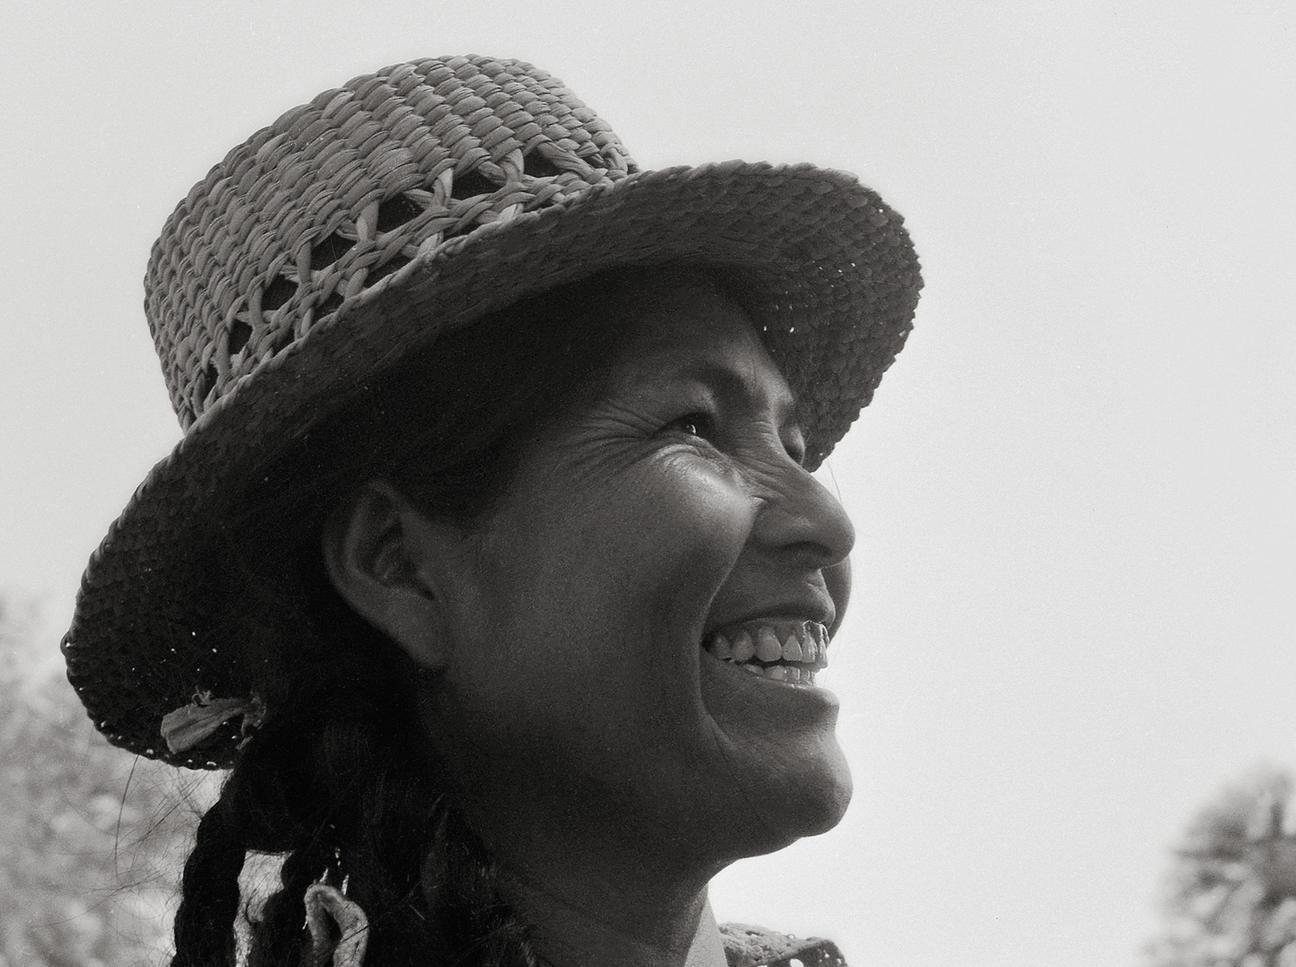 Grete Stern - Mujer toba con sombrero de